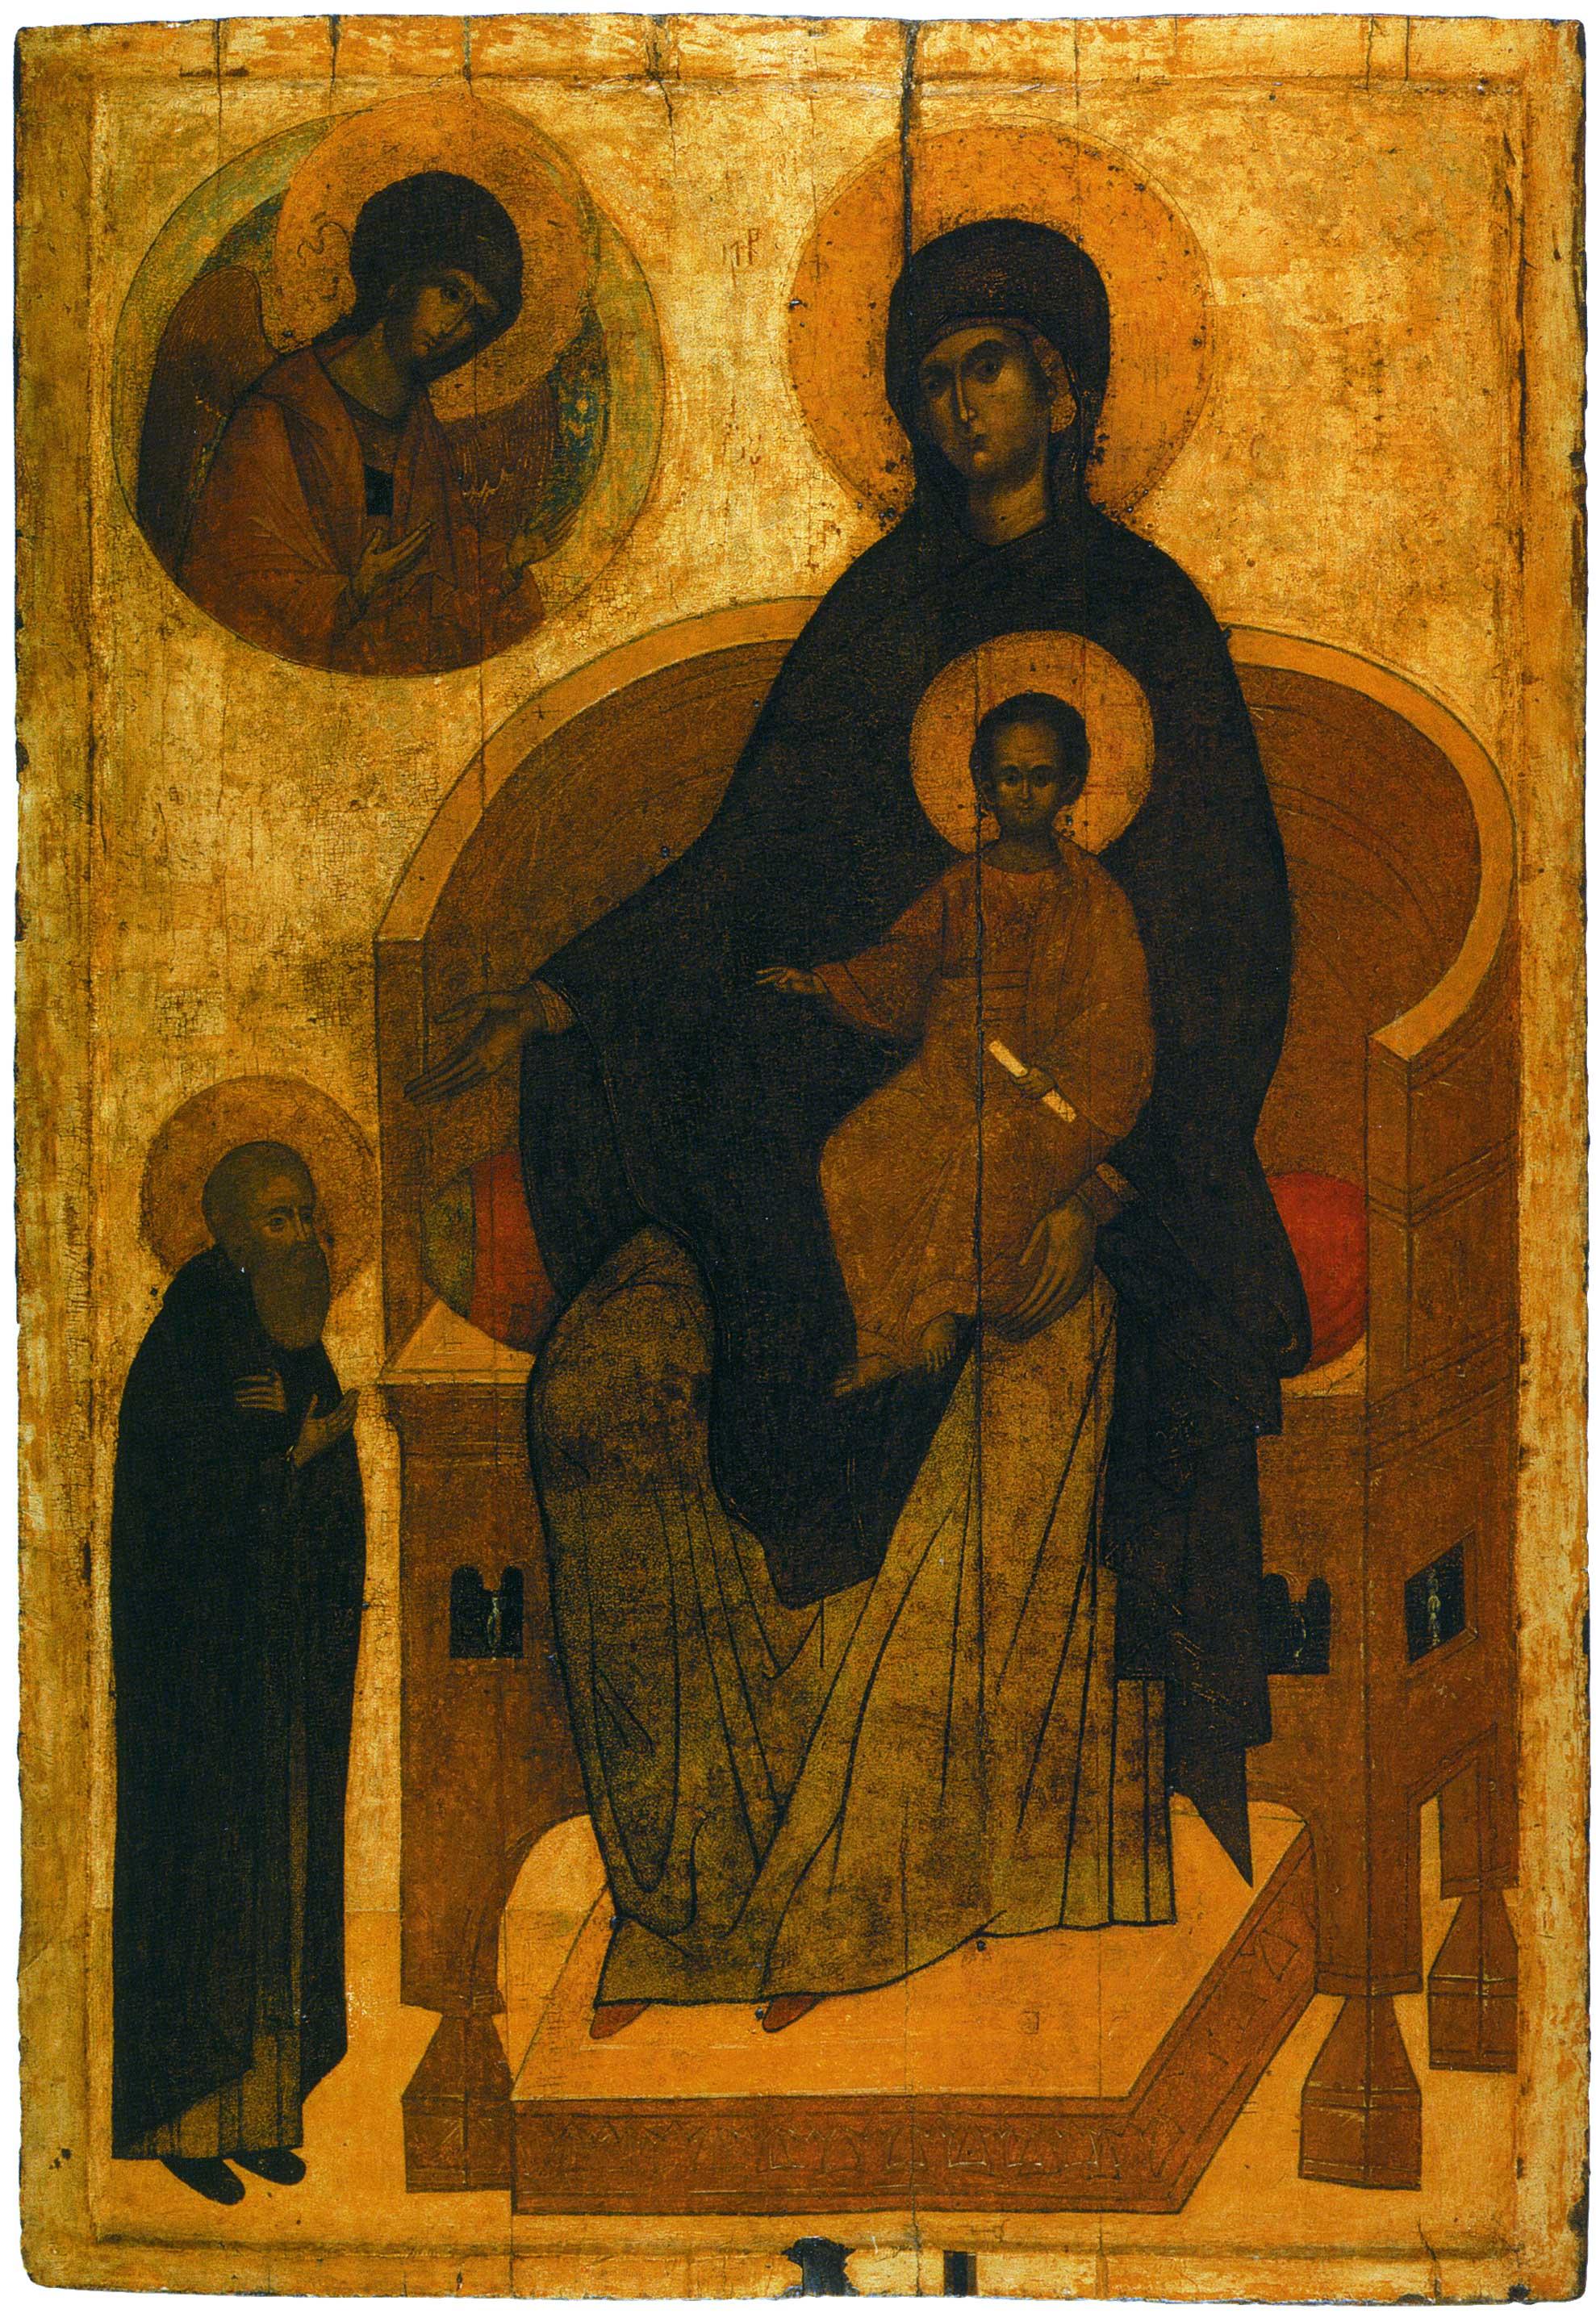 Богоматерь с Младенцем, архангелом Гавриилом и предстоящим в молении прп.Сергием Радонежским